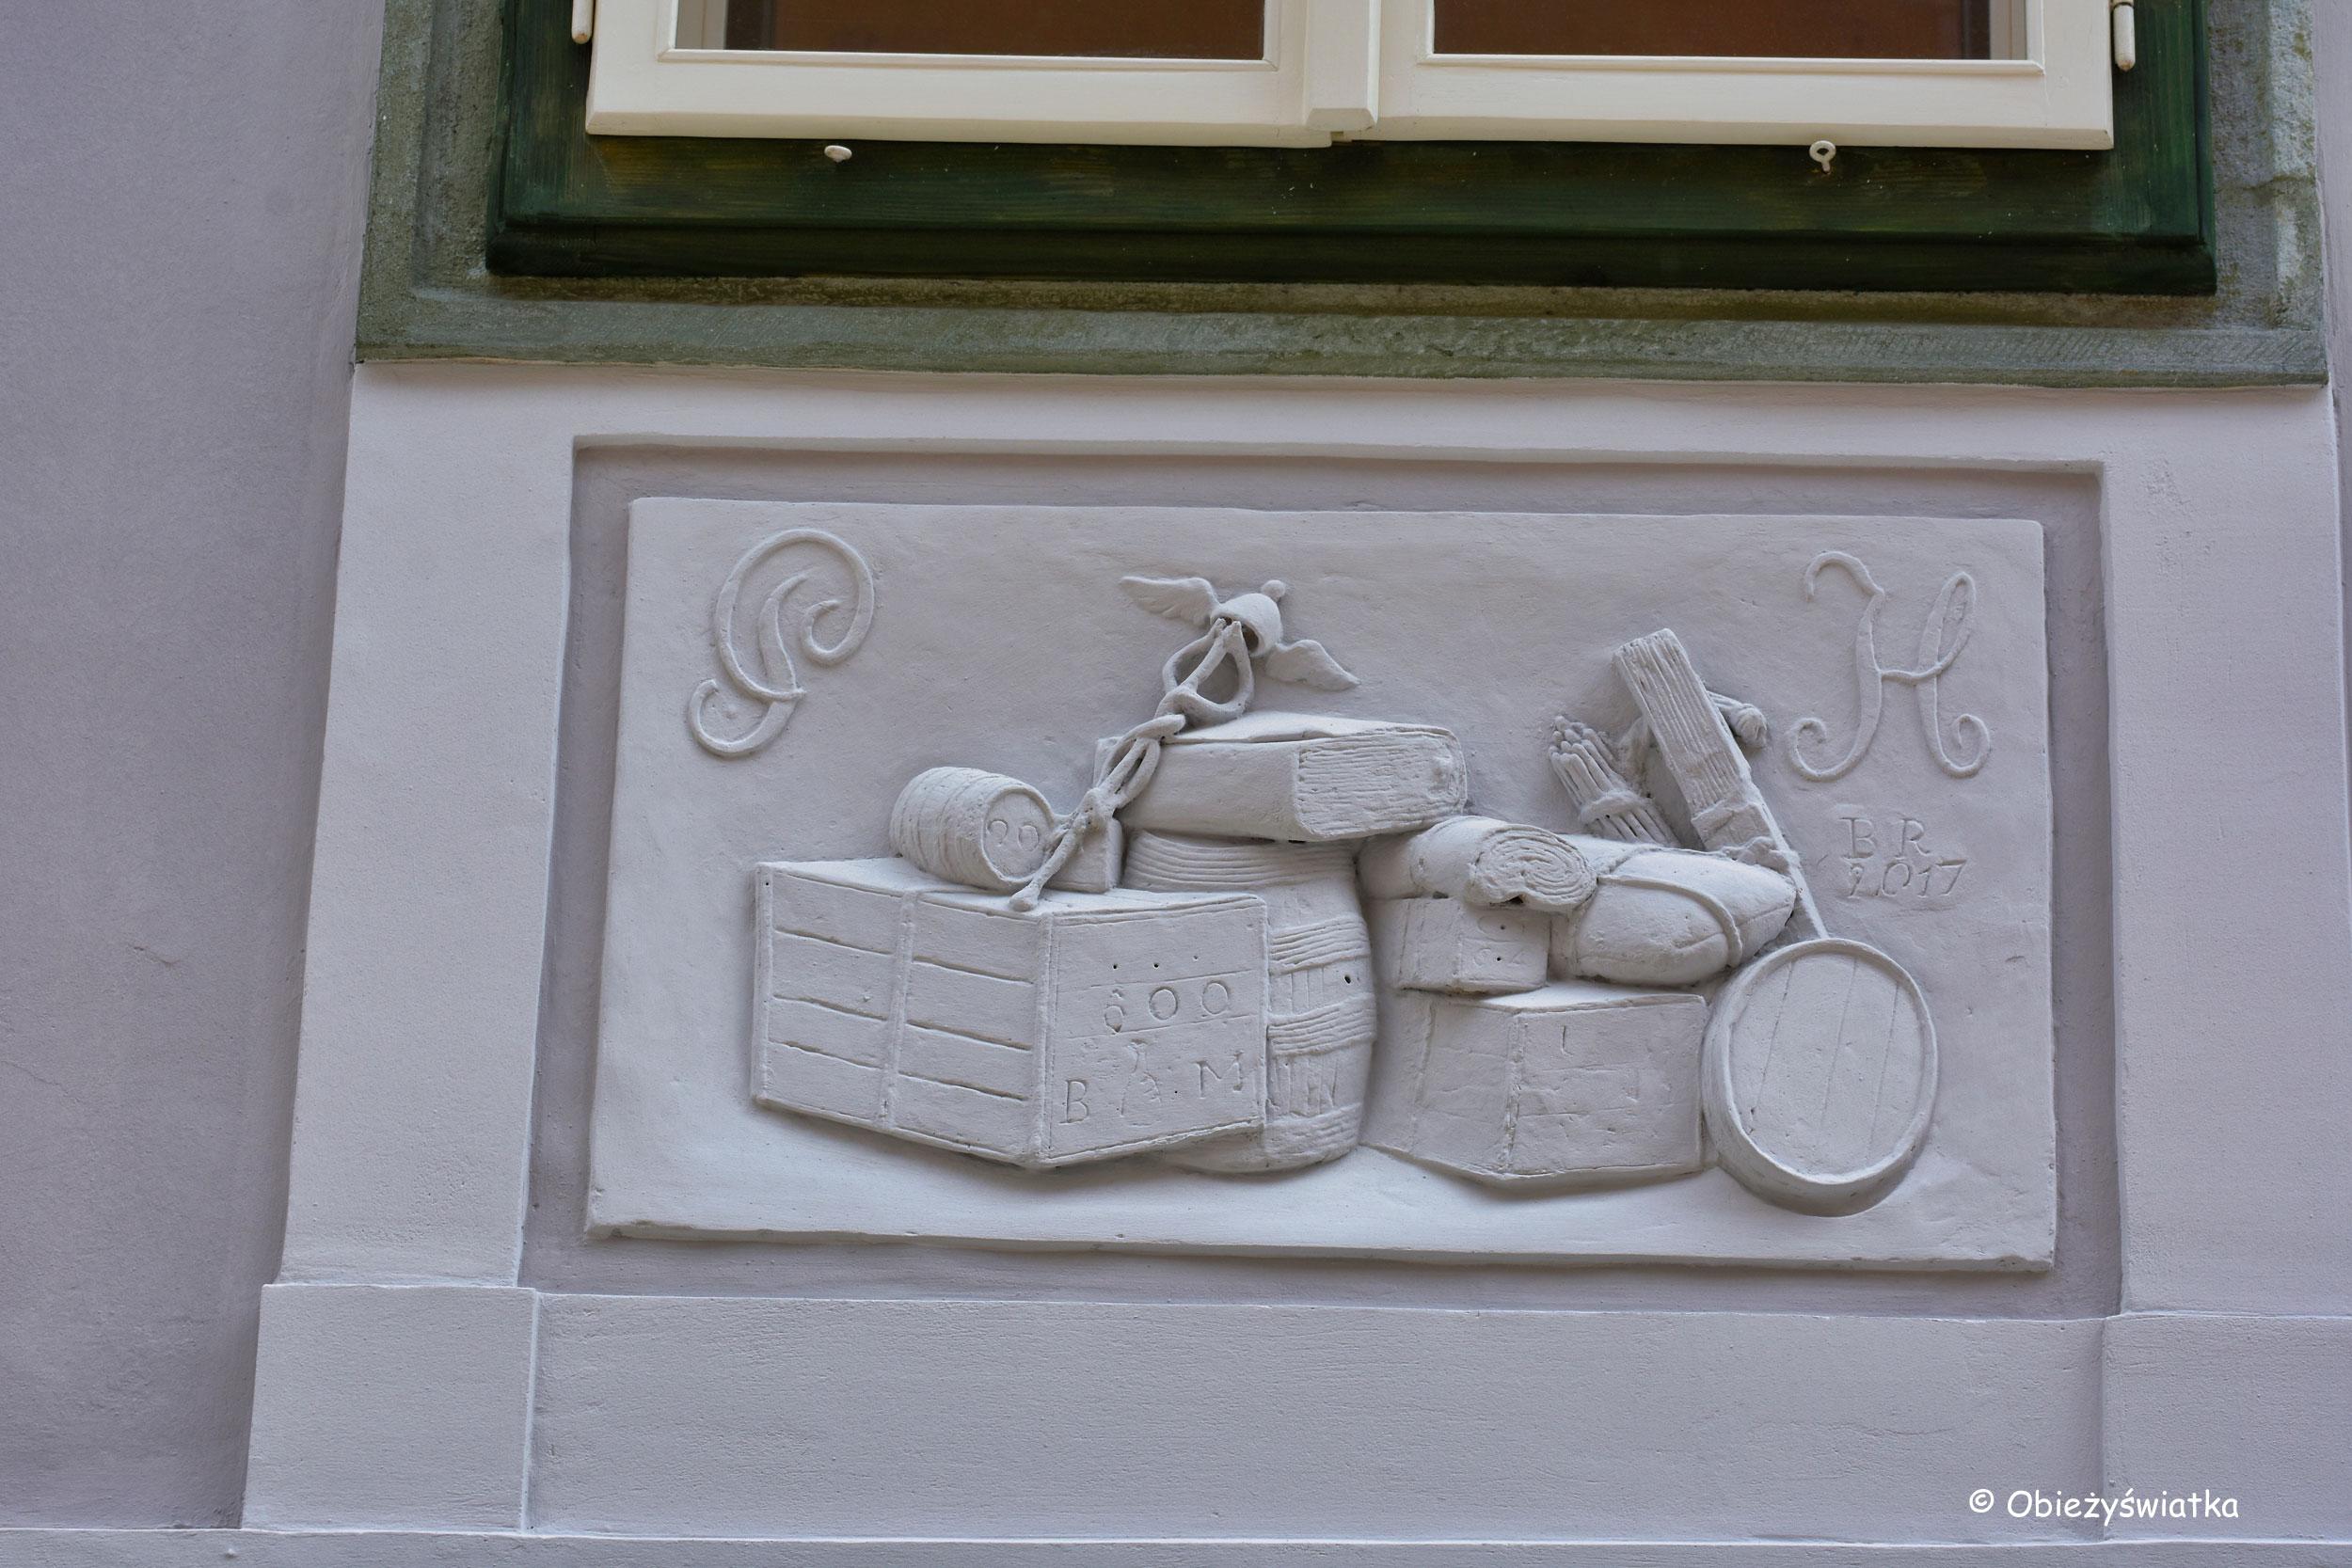 Kamienica w Radovljicy - migawki ze Starego Miasta